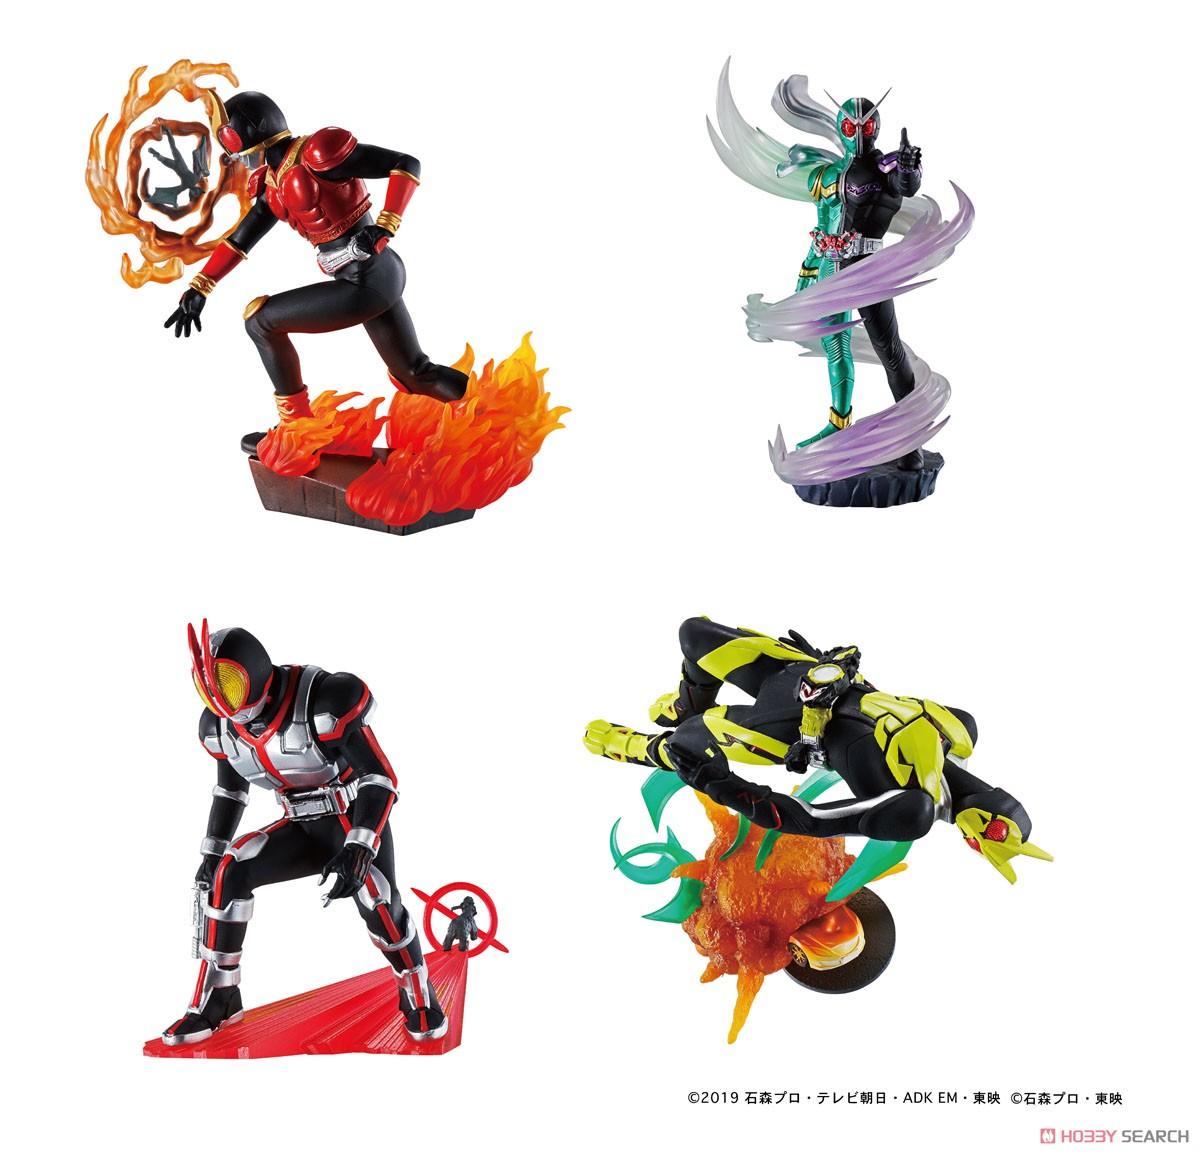 プチラマシリーズ『仮面ライダー Legend Rider Memories』4個入りBOX-005